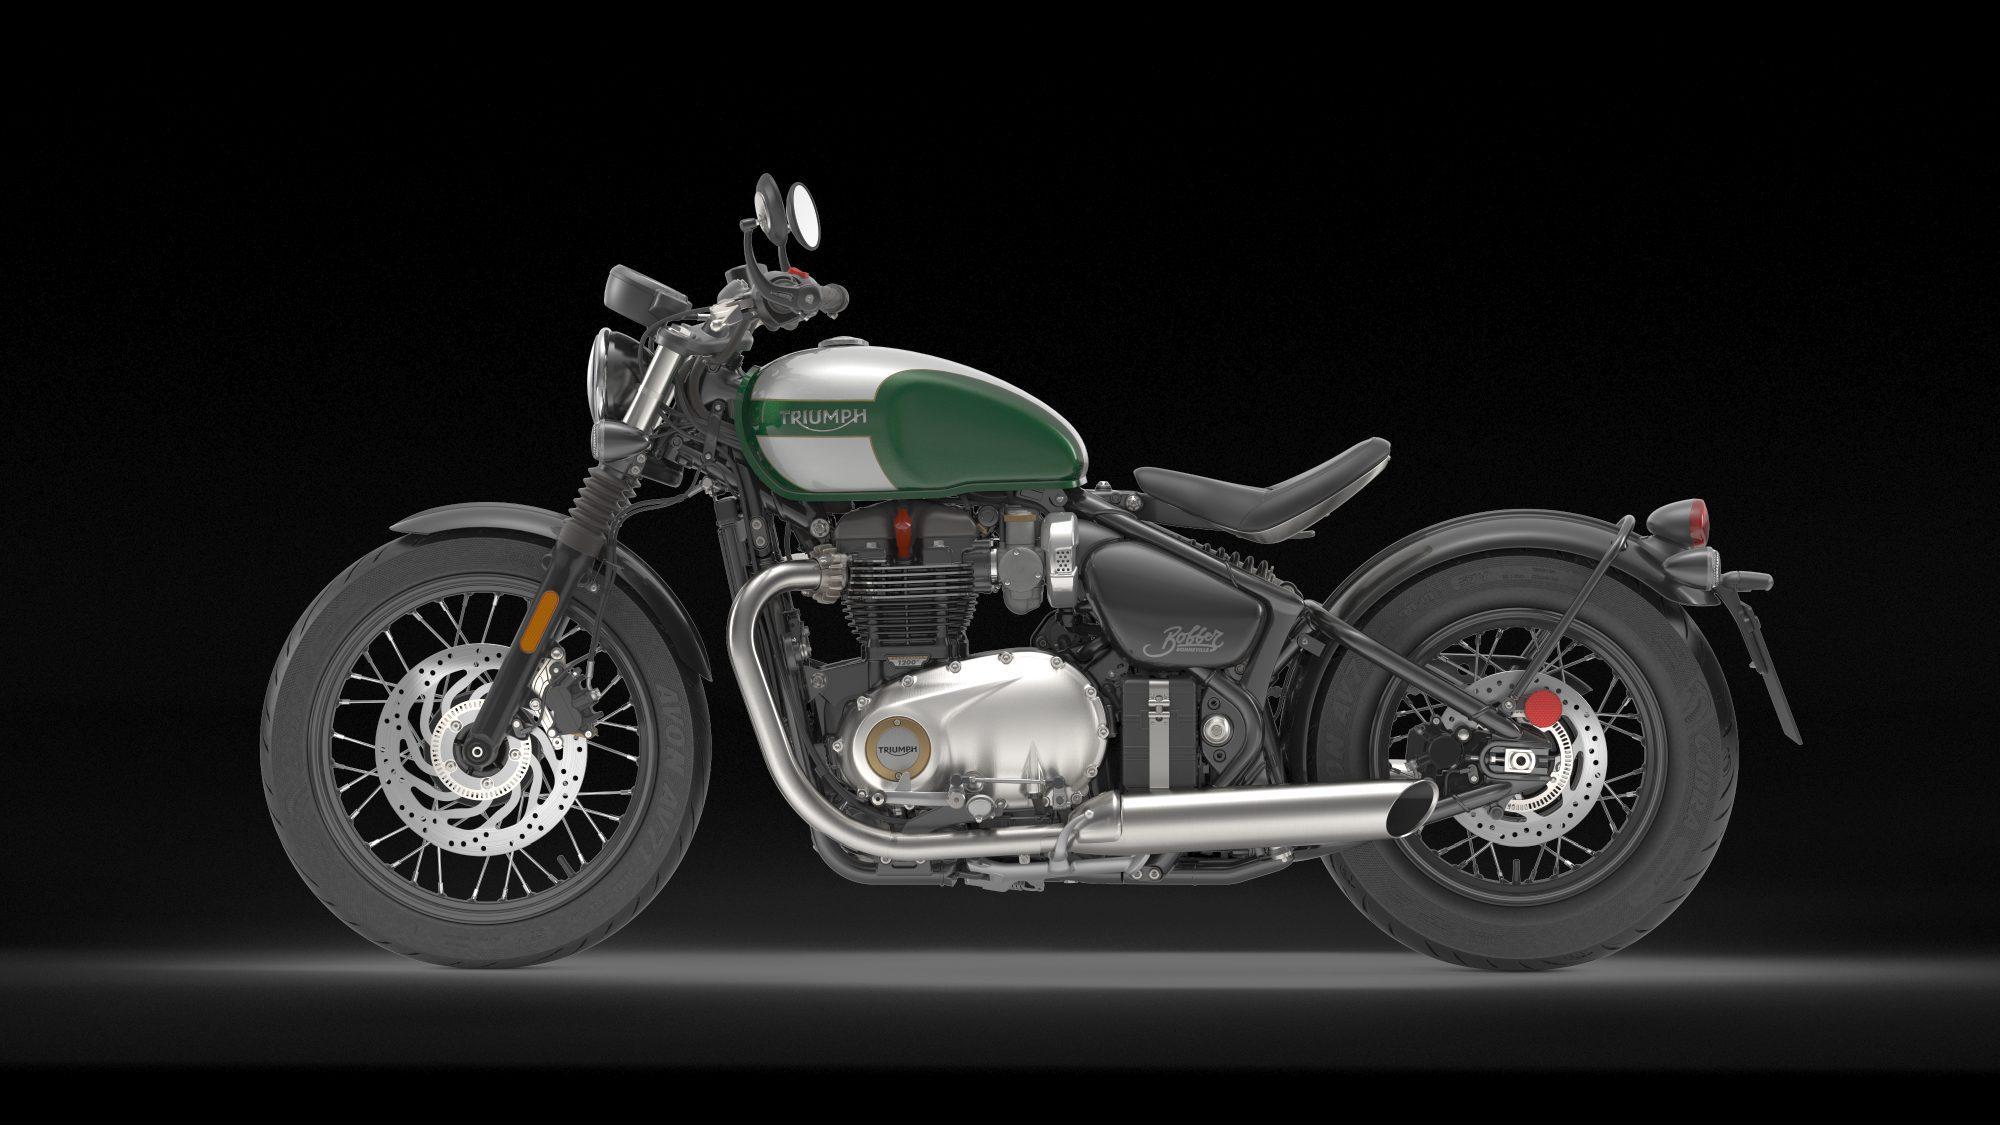 Triumph Bonneville Bobber 2017 Motorrad Fotos & Motorrad ...